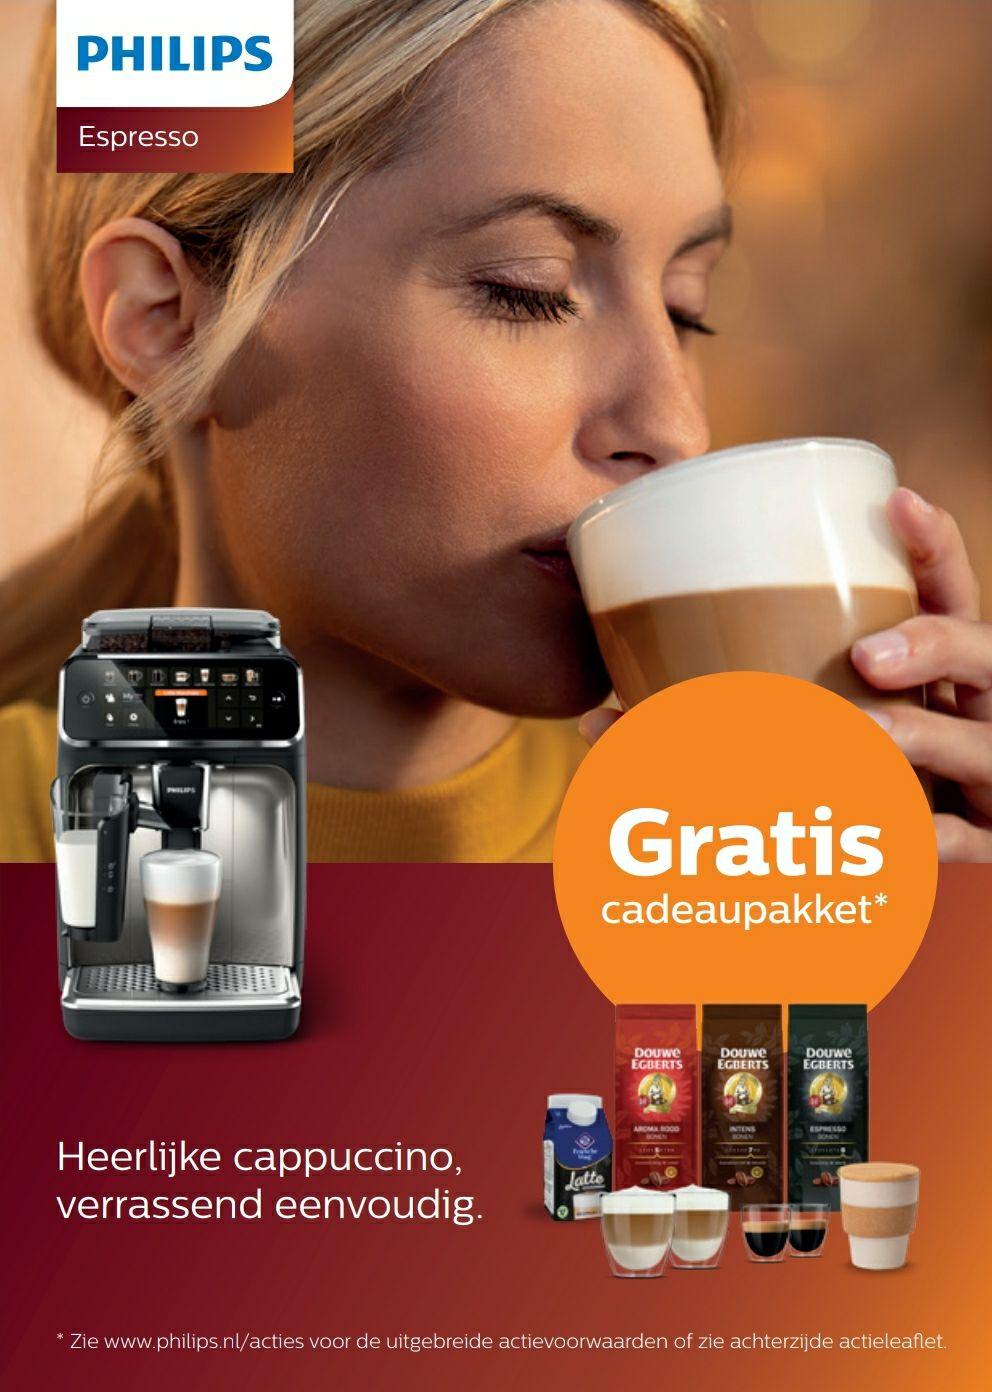 Gratis koffiepakket bij Philips espresso volautomaat